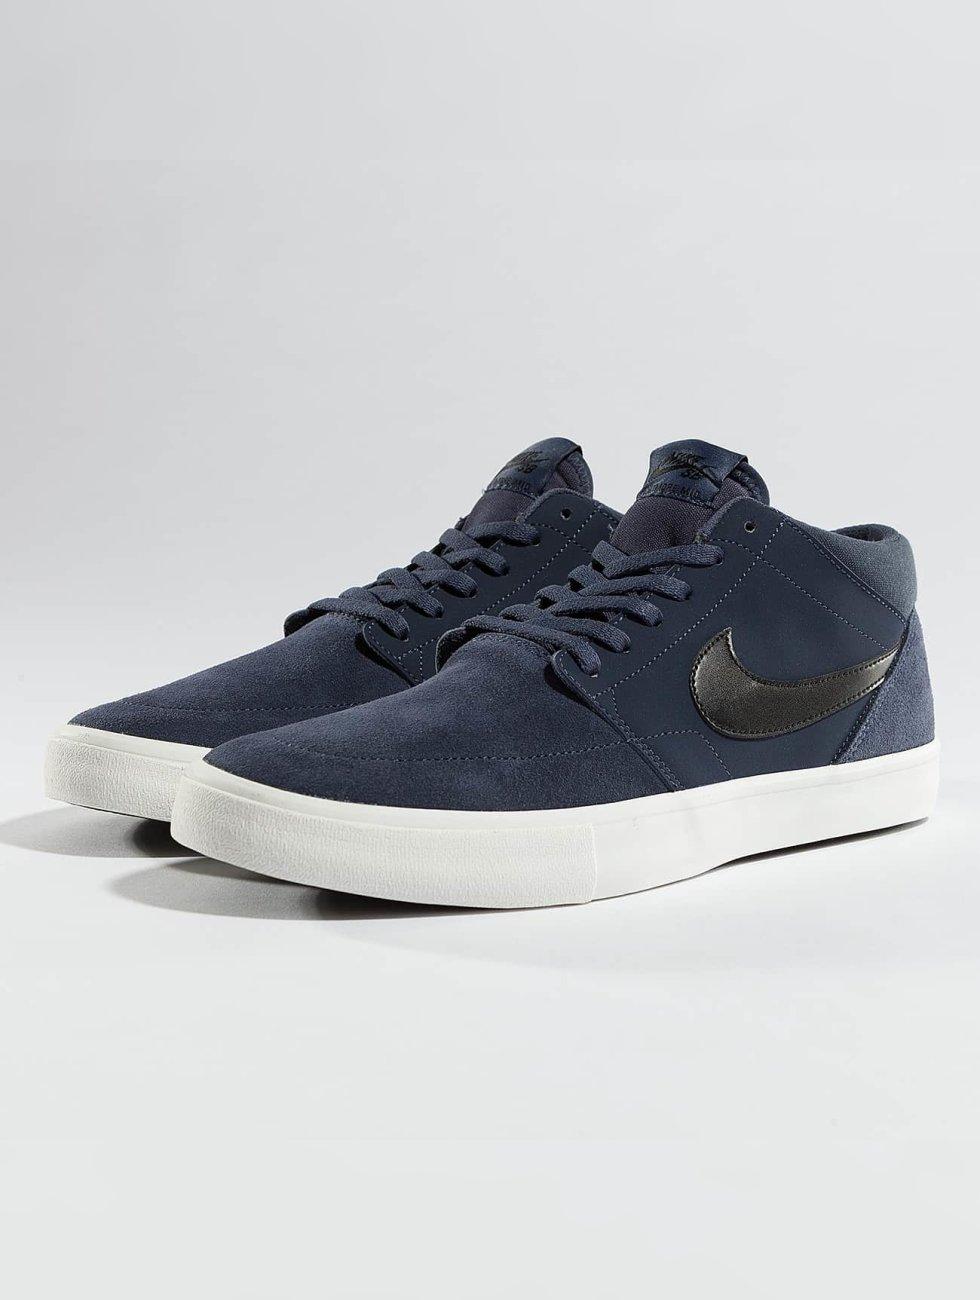 Nike Sko / Sneaker Sb Solar Myk Porto Mer Ll I Midten Av Skateboarding Blå 416738 Klaring Beste Salg Shopping På Nettet Gratis Frakt wUzuzruhz6